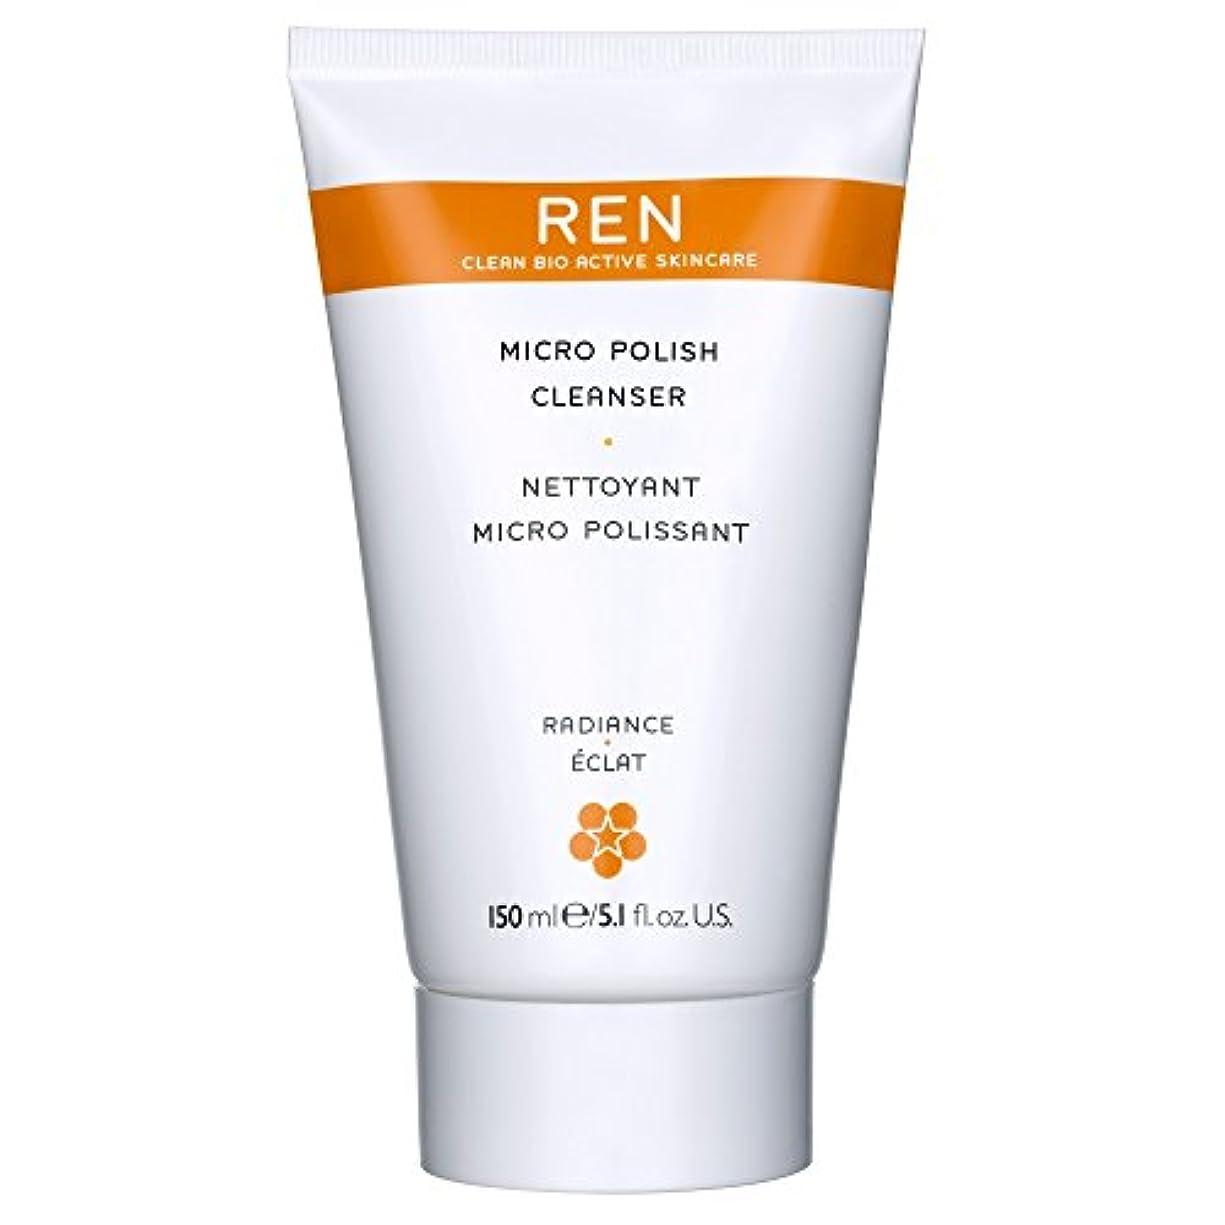 シロクマブラストシロクマRenミルコ磨きクレンザー、150ミリリットル (REN) (x2) - REN Mirco Polish Cleanser, 150ml (Pack of 2) [並行輸入品]